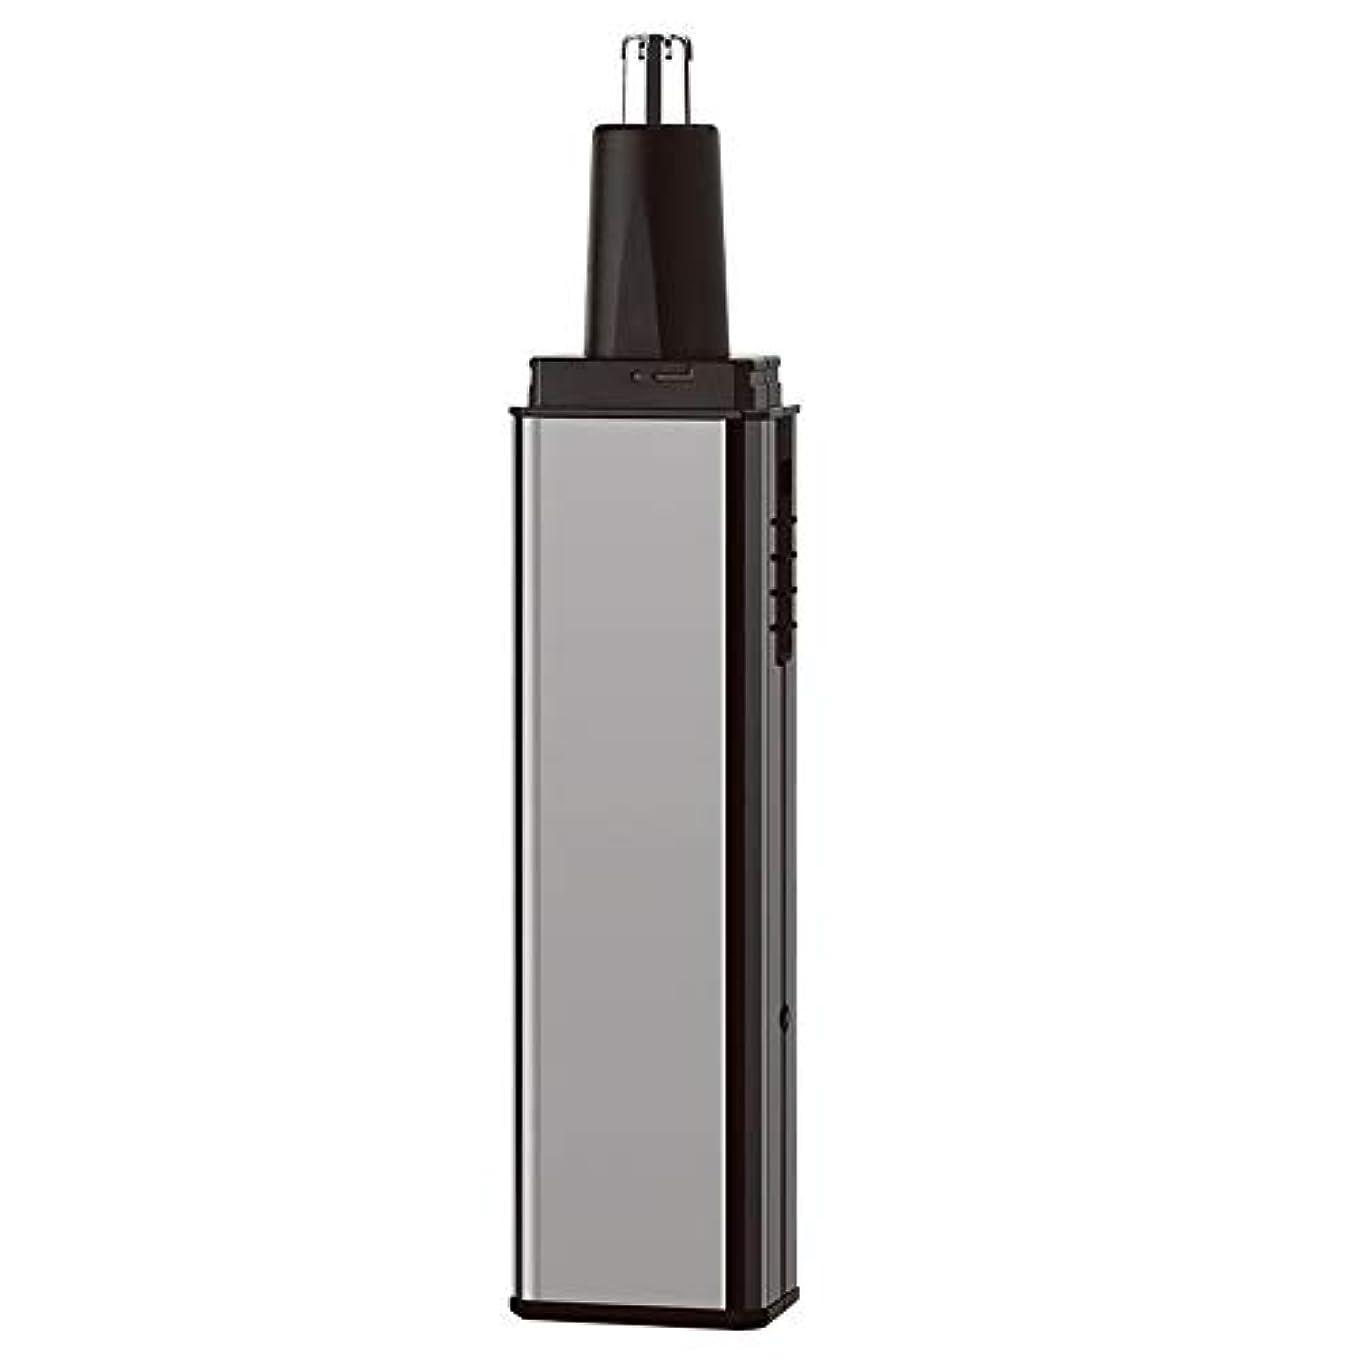 与える定刻投げる鼻毛トリマー-多機能スーツフォーインワン/電気鼻毛トリマー/ステンレススチール/多機能/ 13.5 * 2.7cm 作り方がすぐれている